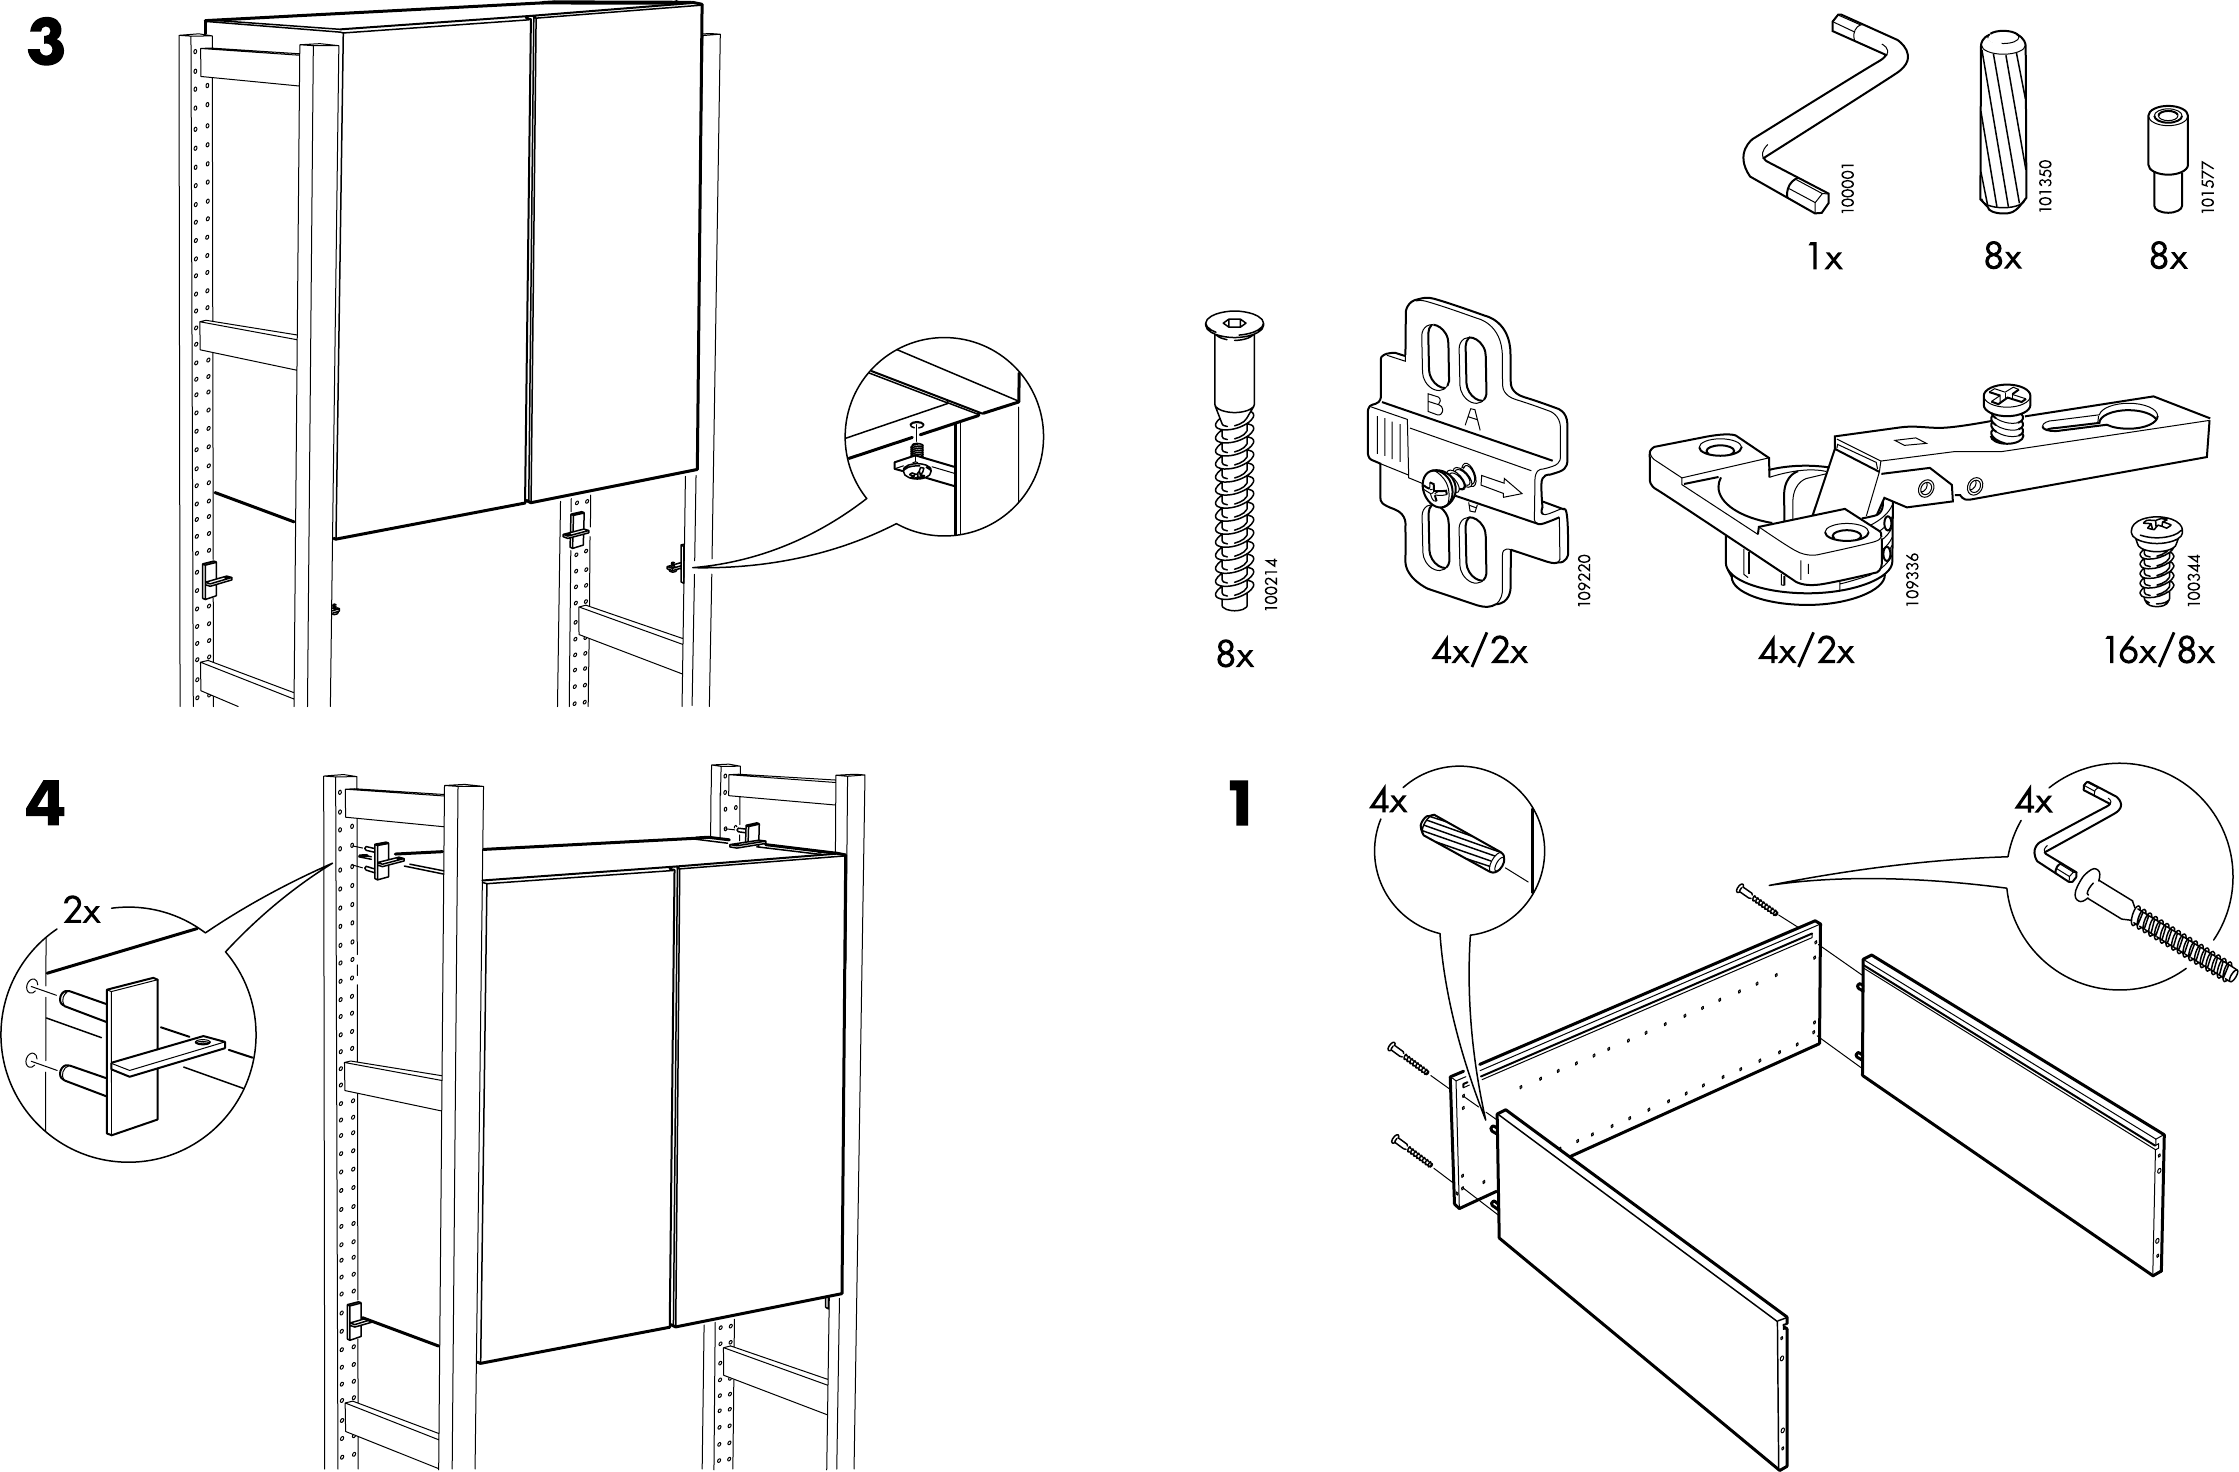 Handleiding Expedit Boekenkast.Bouwtekening Ikea Keukenkast Informatie Over De Keuken